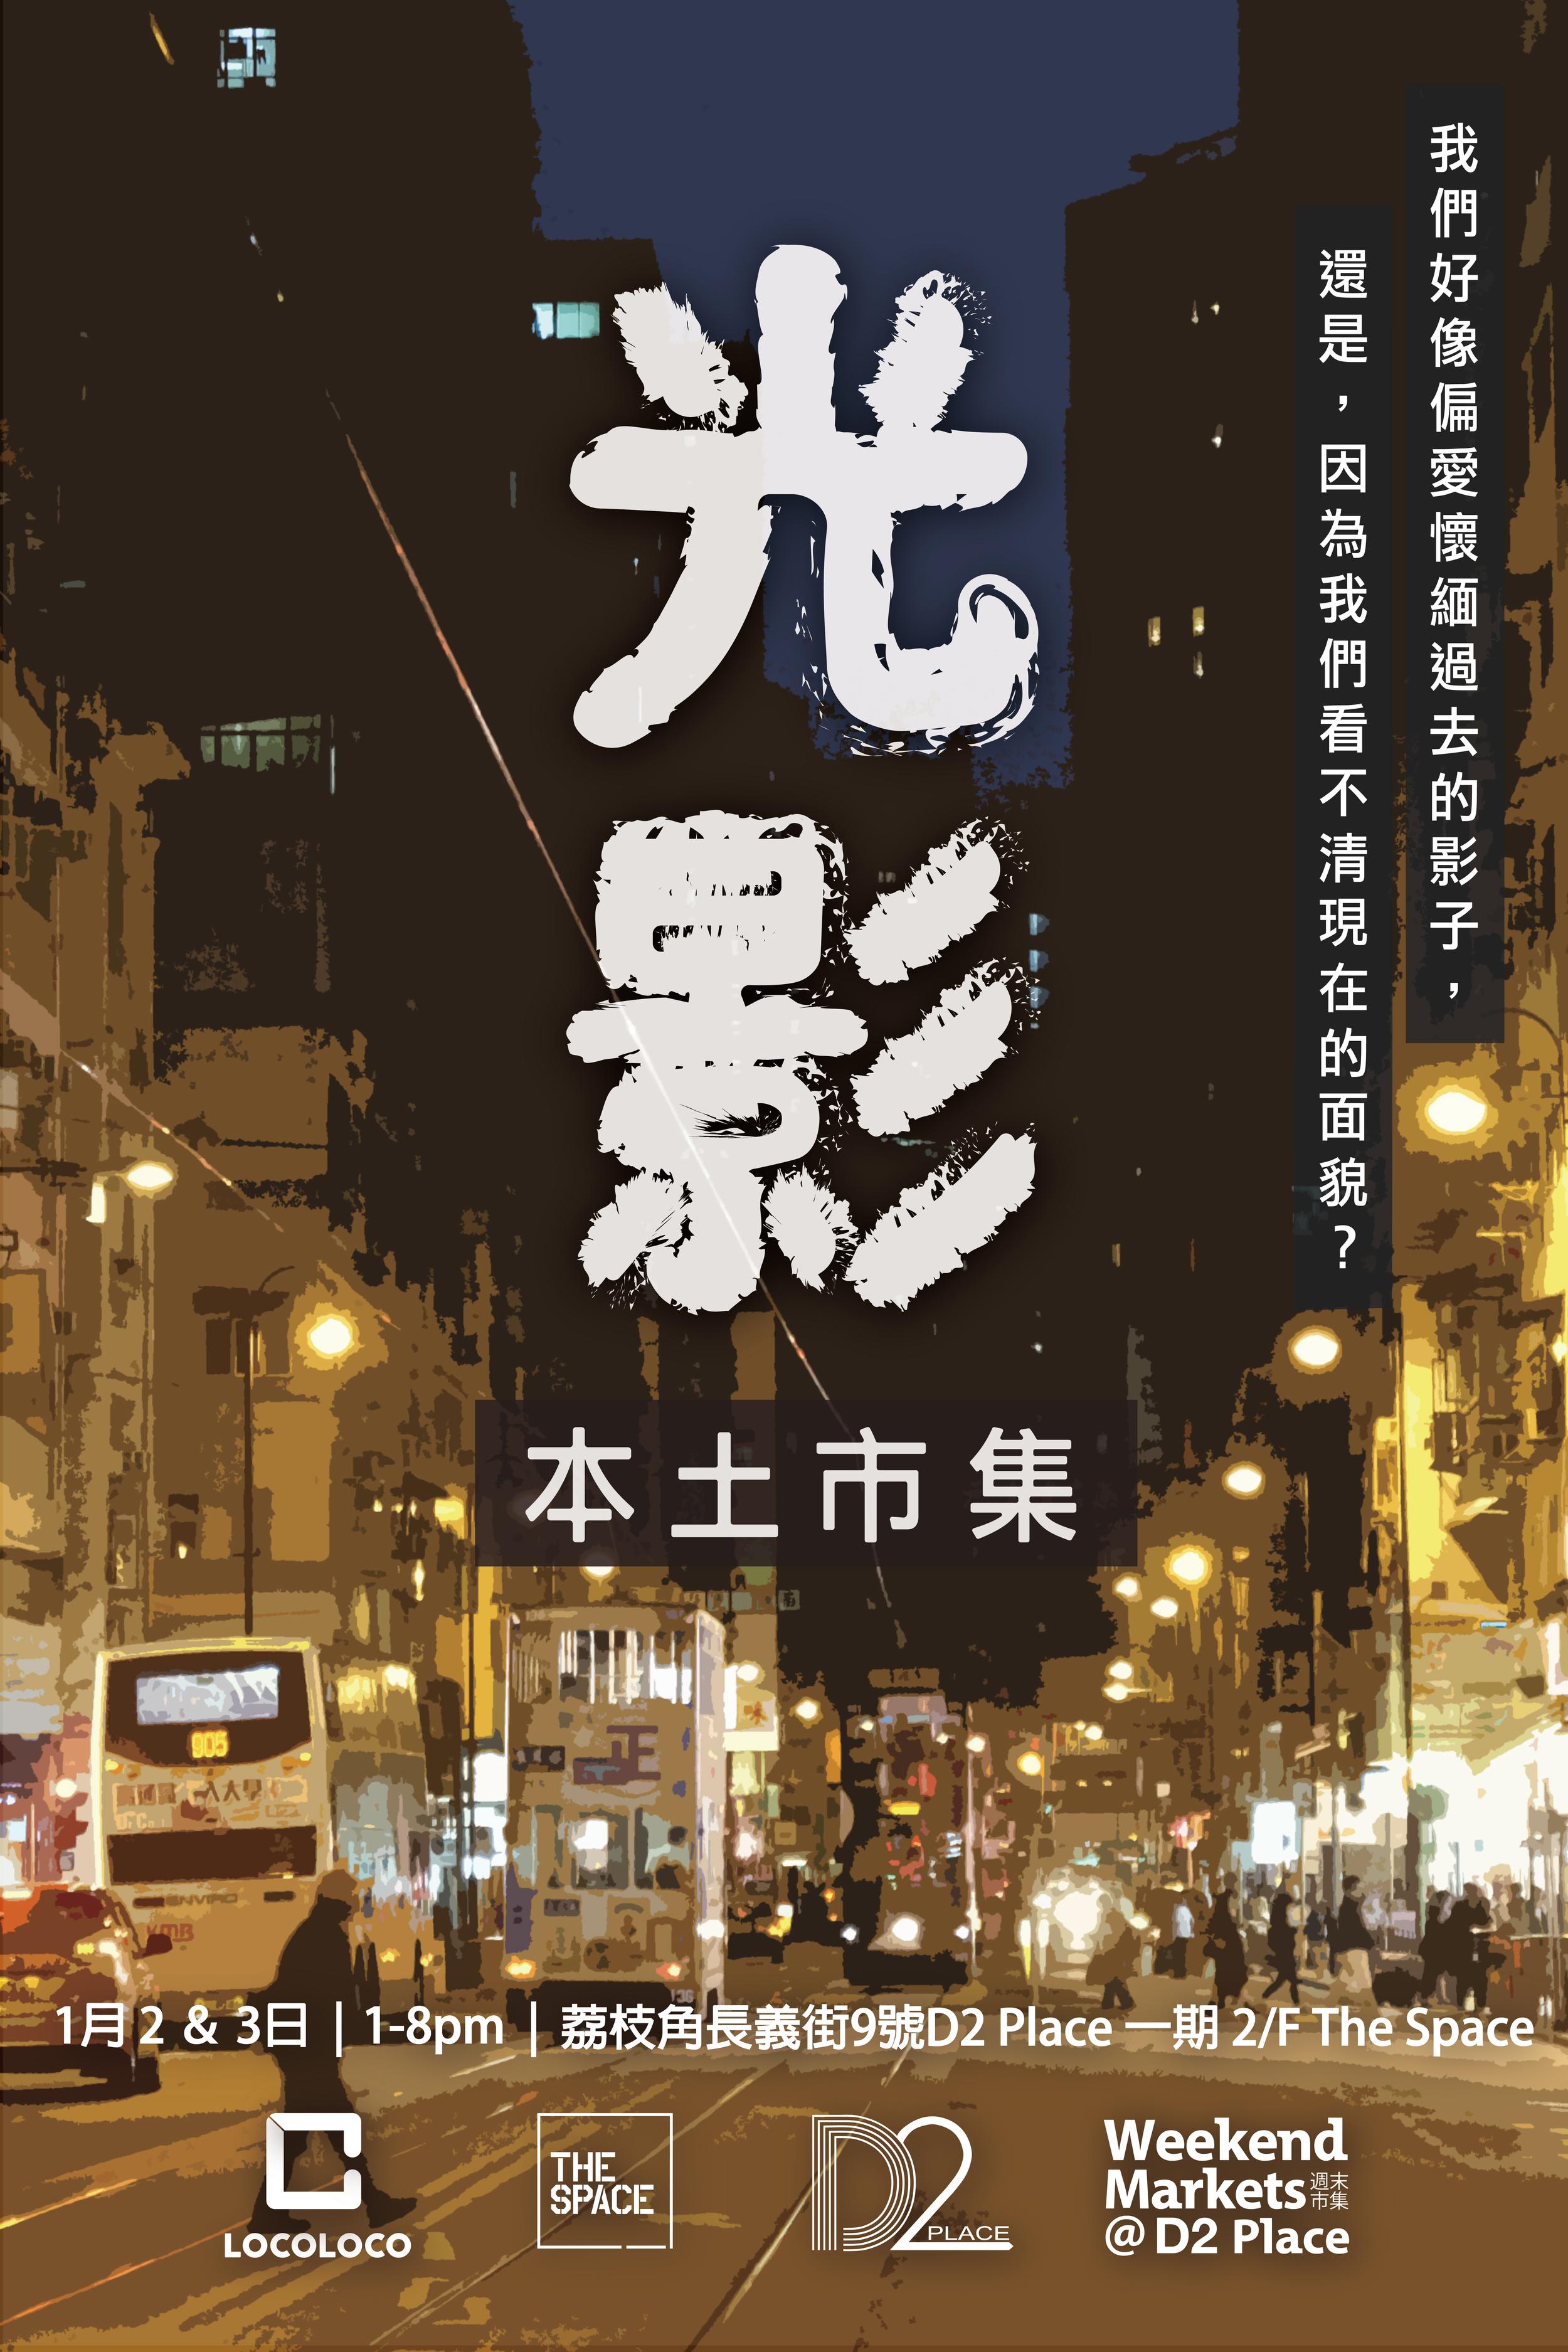 poster_v1-05.jpg